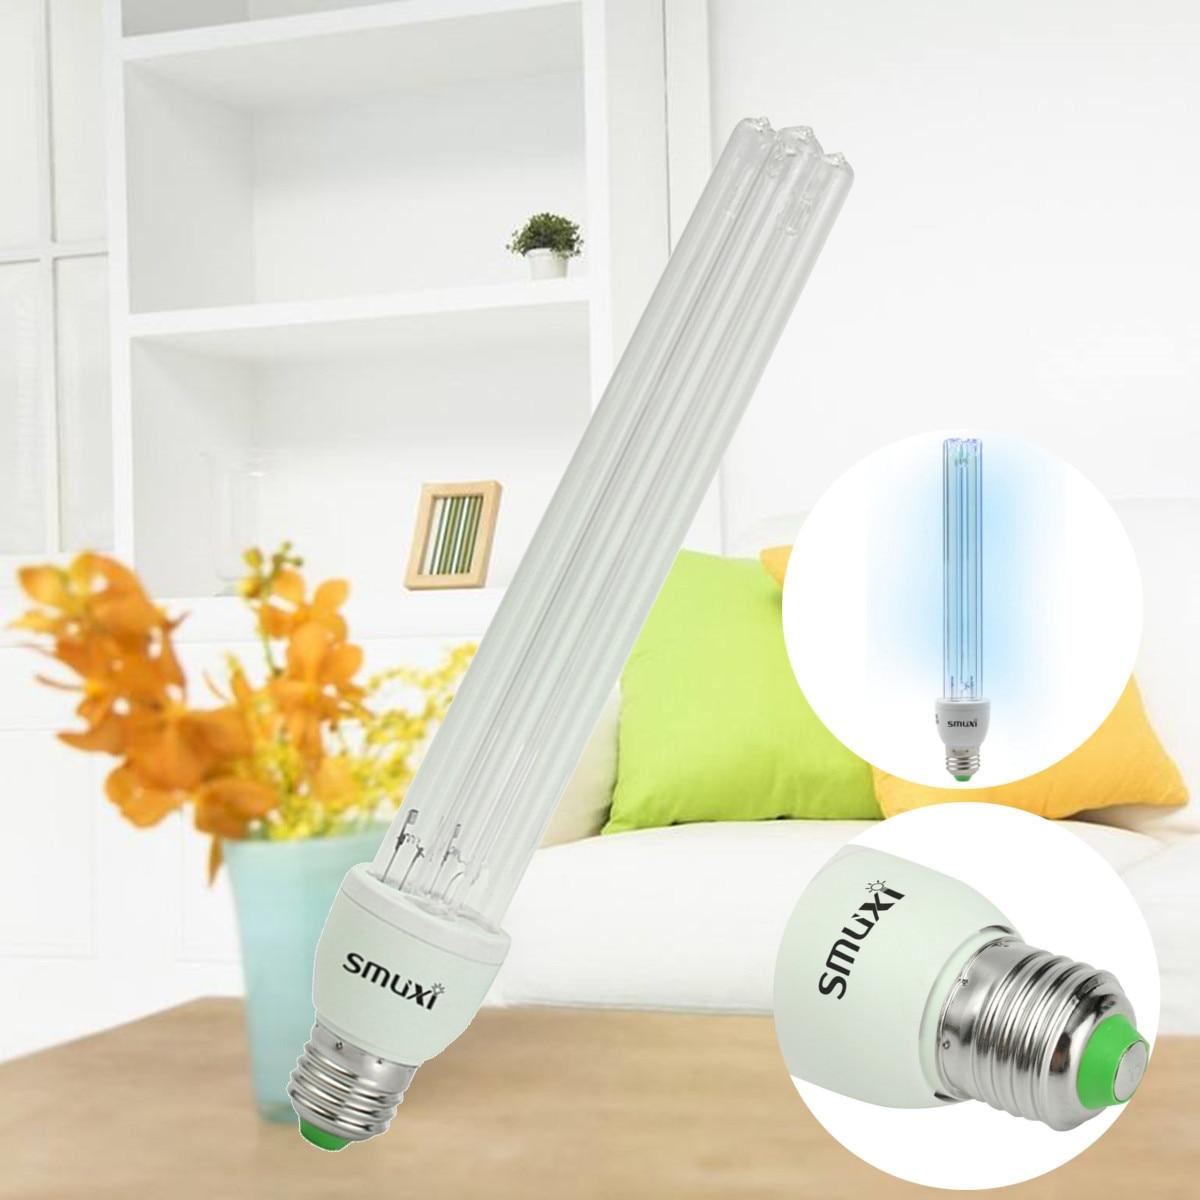 1 Stücke Blau Uv Light Tube E27 20 Watt Desinfektion Lampe Ozon Sterilisieren Und Reinigung Lampe Krankheiten Zu Verhindern Und Zu Heilen